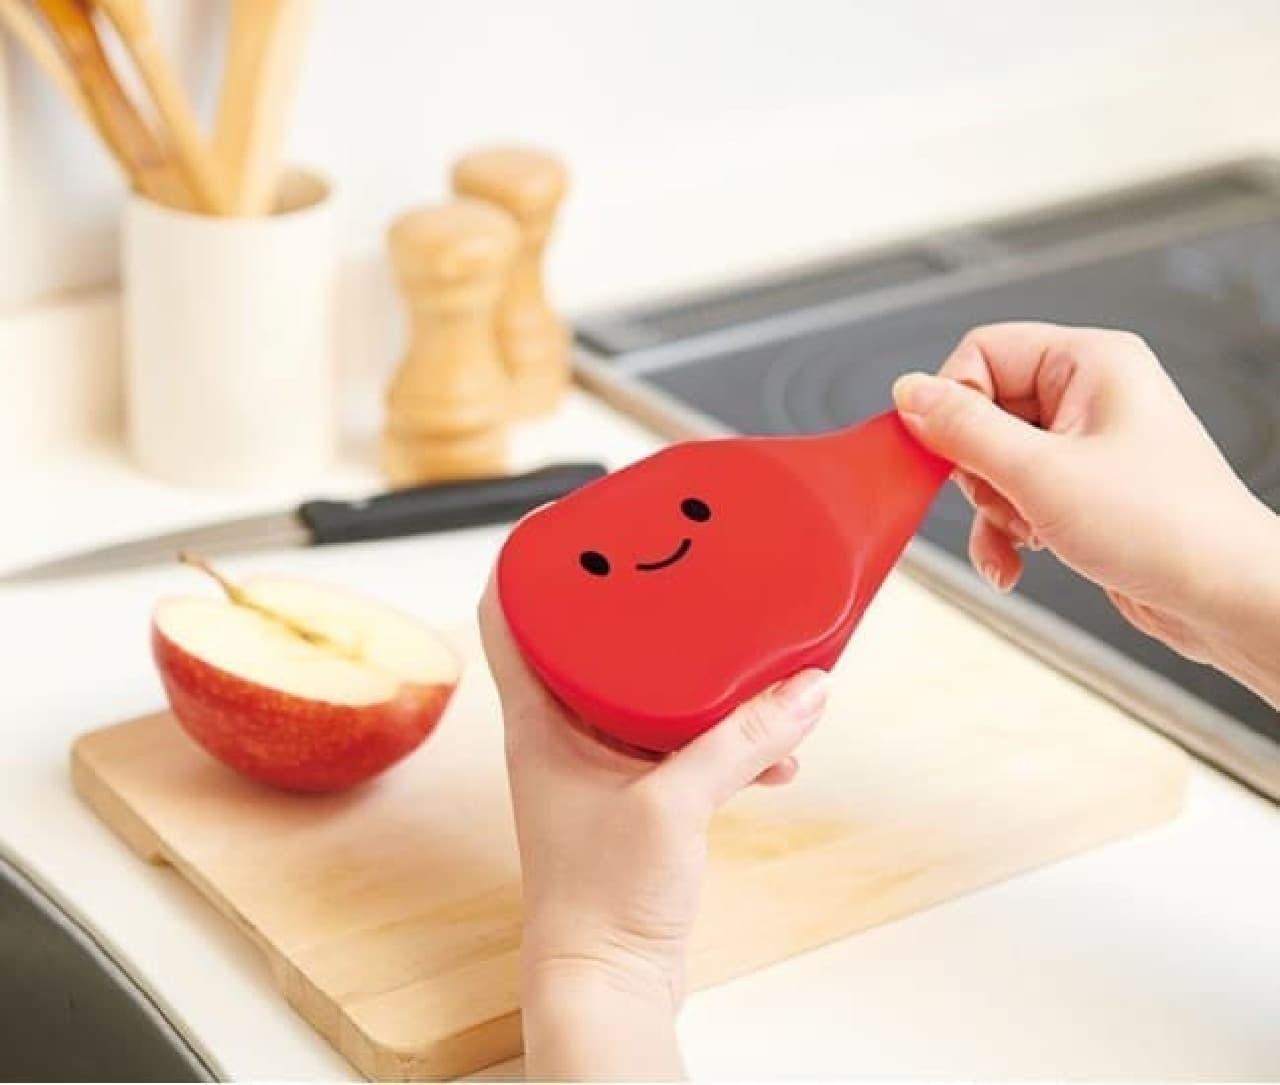 カットフルーツの鮮度キープ!乾燥防ぐ「べジシャキ オレちゃんレモちゃん」